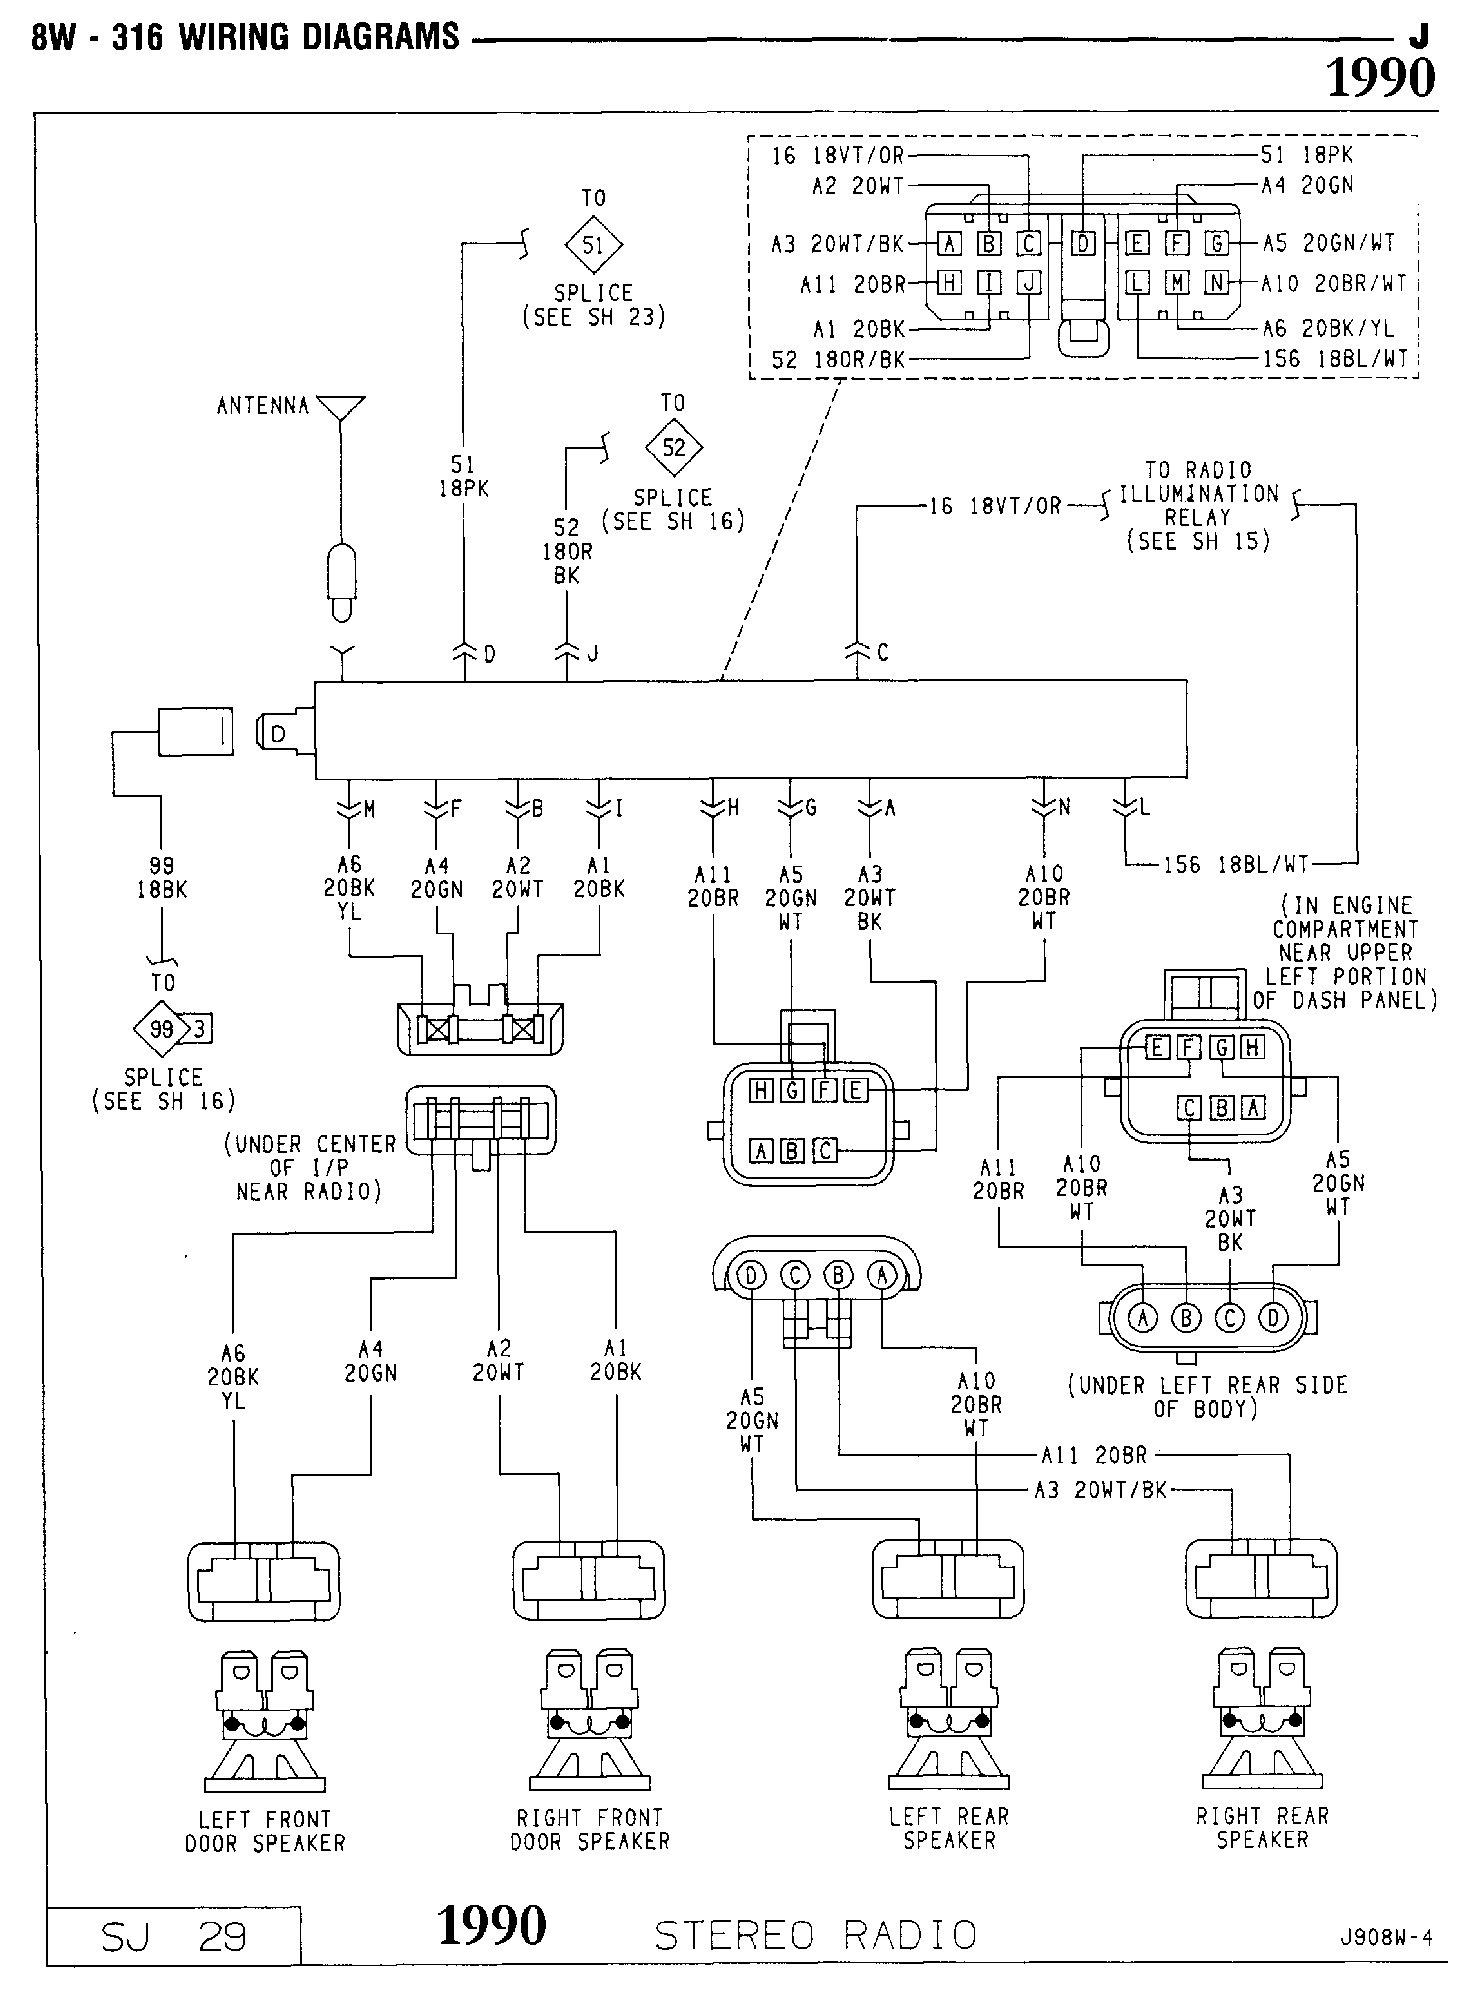 Radio Wiring Diagram Error